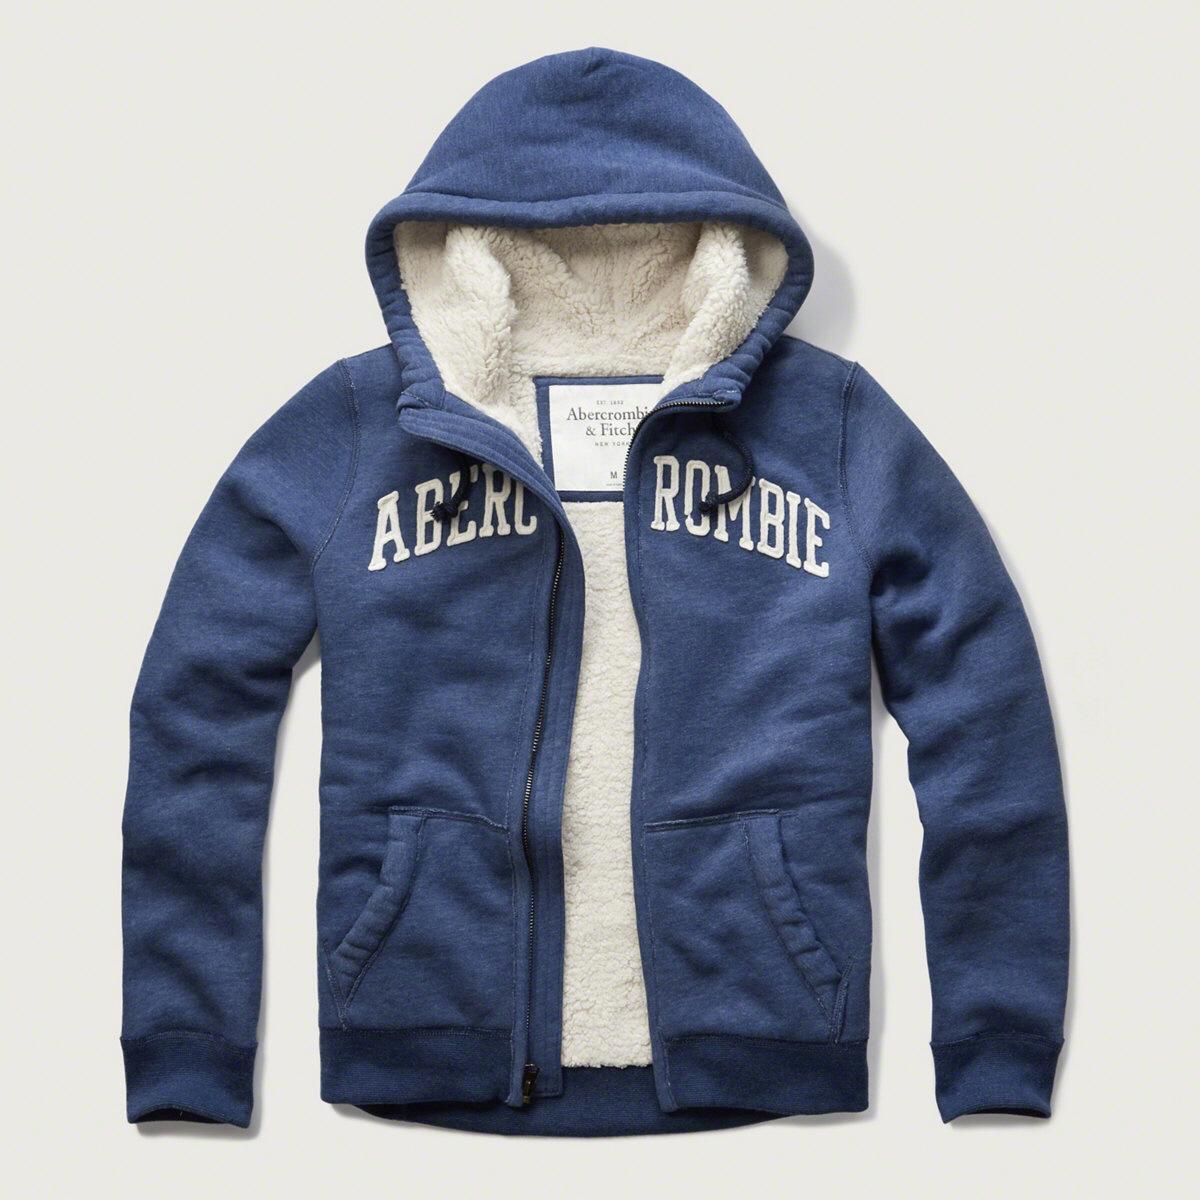 美國百分百【Abercrombie & Fitch】外套 AF 連帽 夾克 麋鹿 刷厚毛 藍色 大尺碼 S、M、L、XL、XXL號 G210